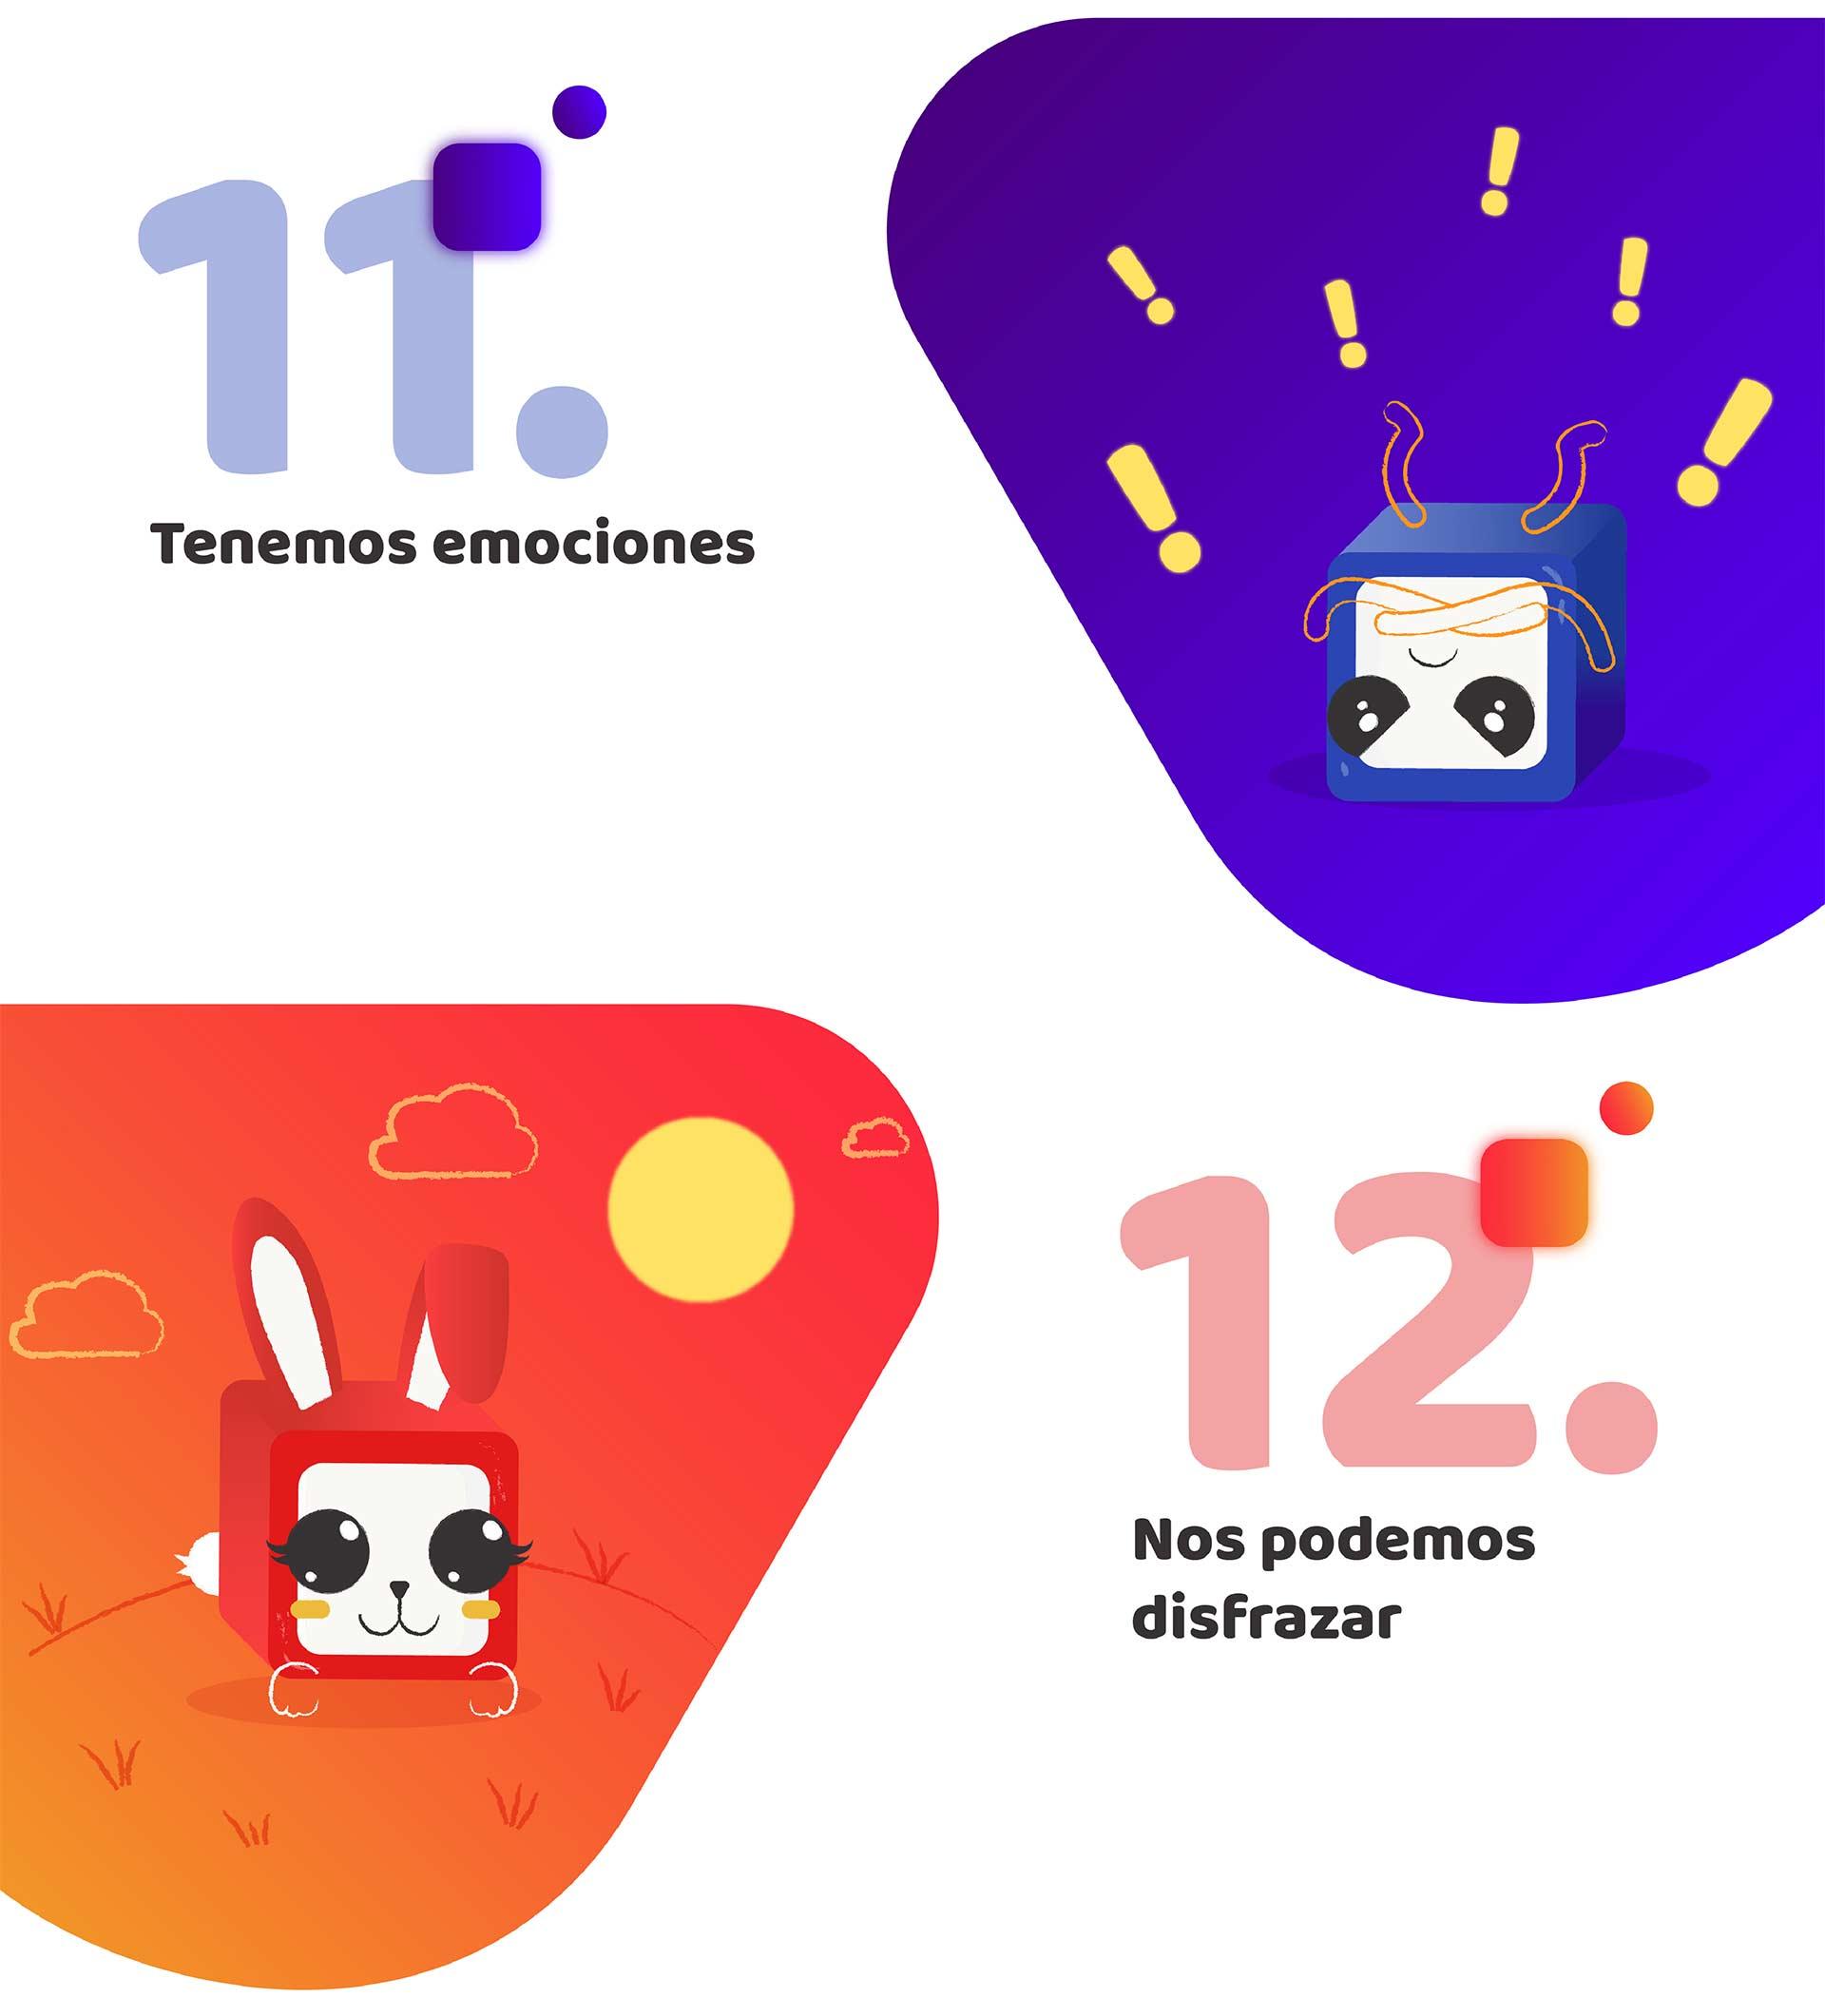 The Ifs juguetes tecnologicos para niños jessica sanmiguel diseño zaragoza-9